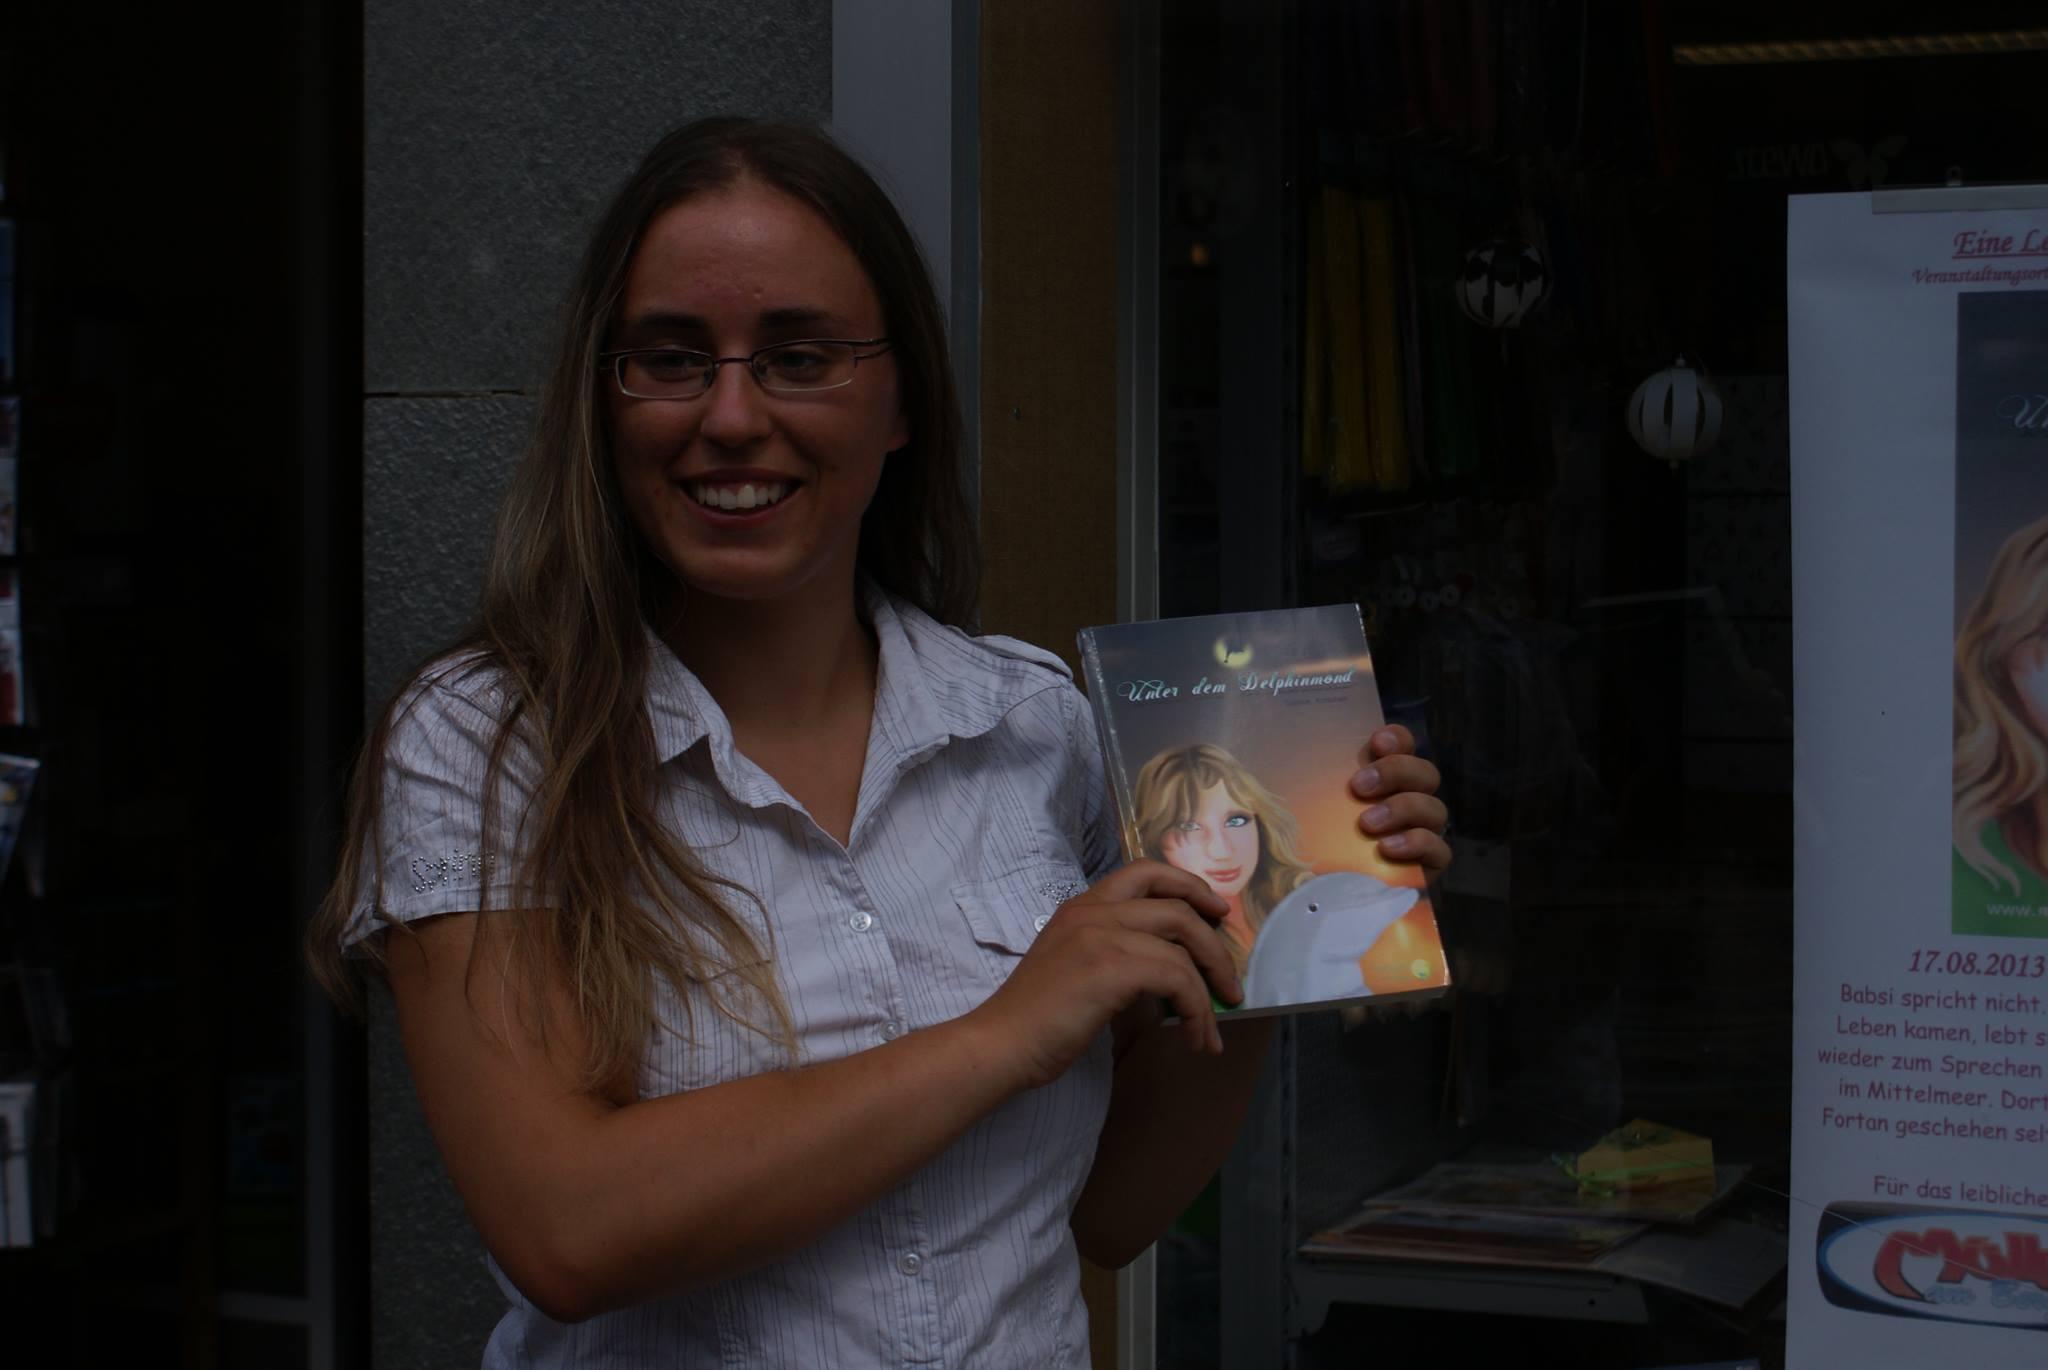 Merquana mit ihrem Buch Unter dem Delphinmond